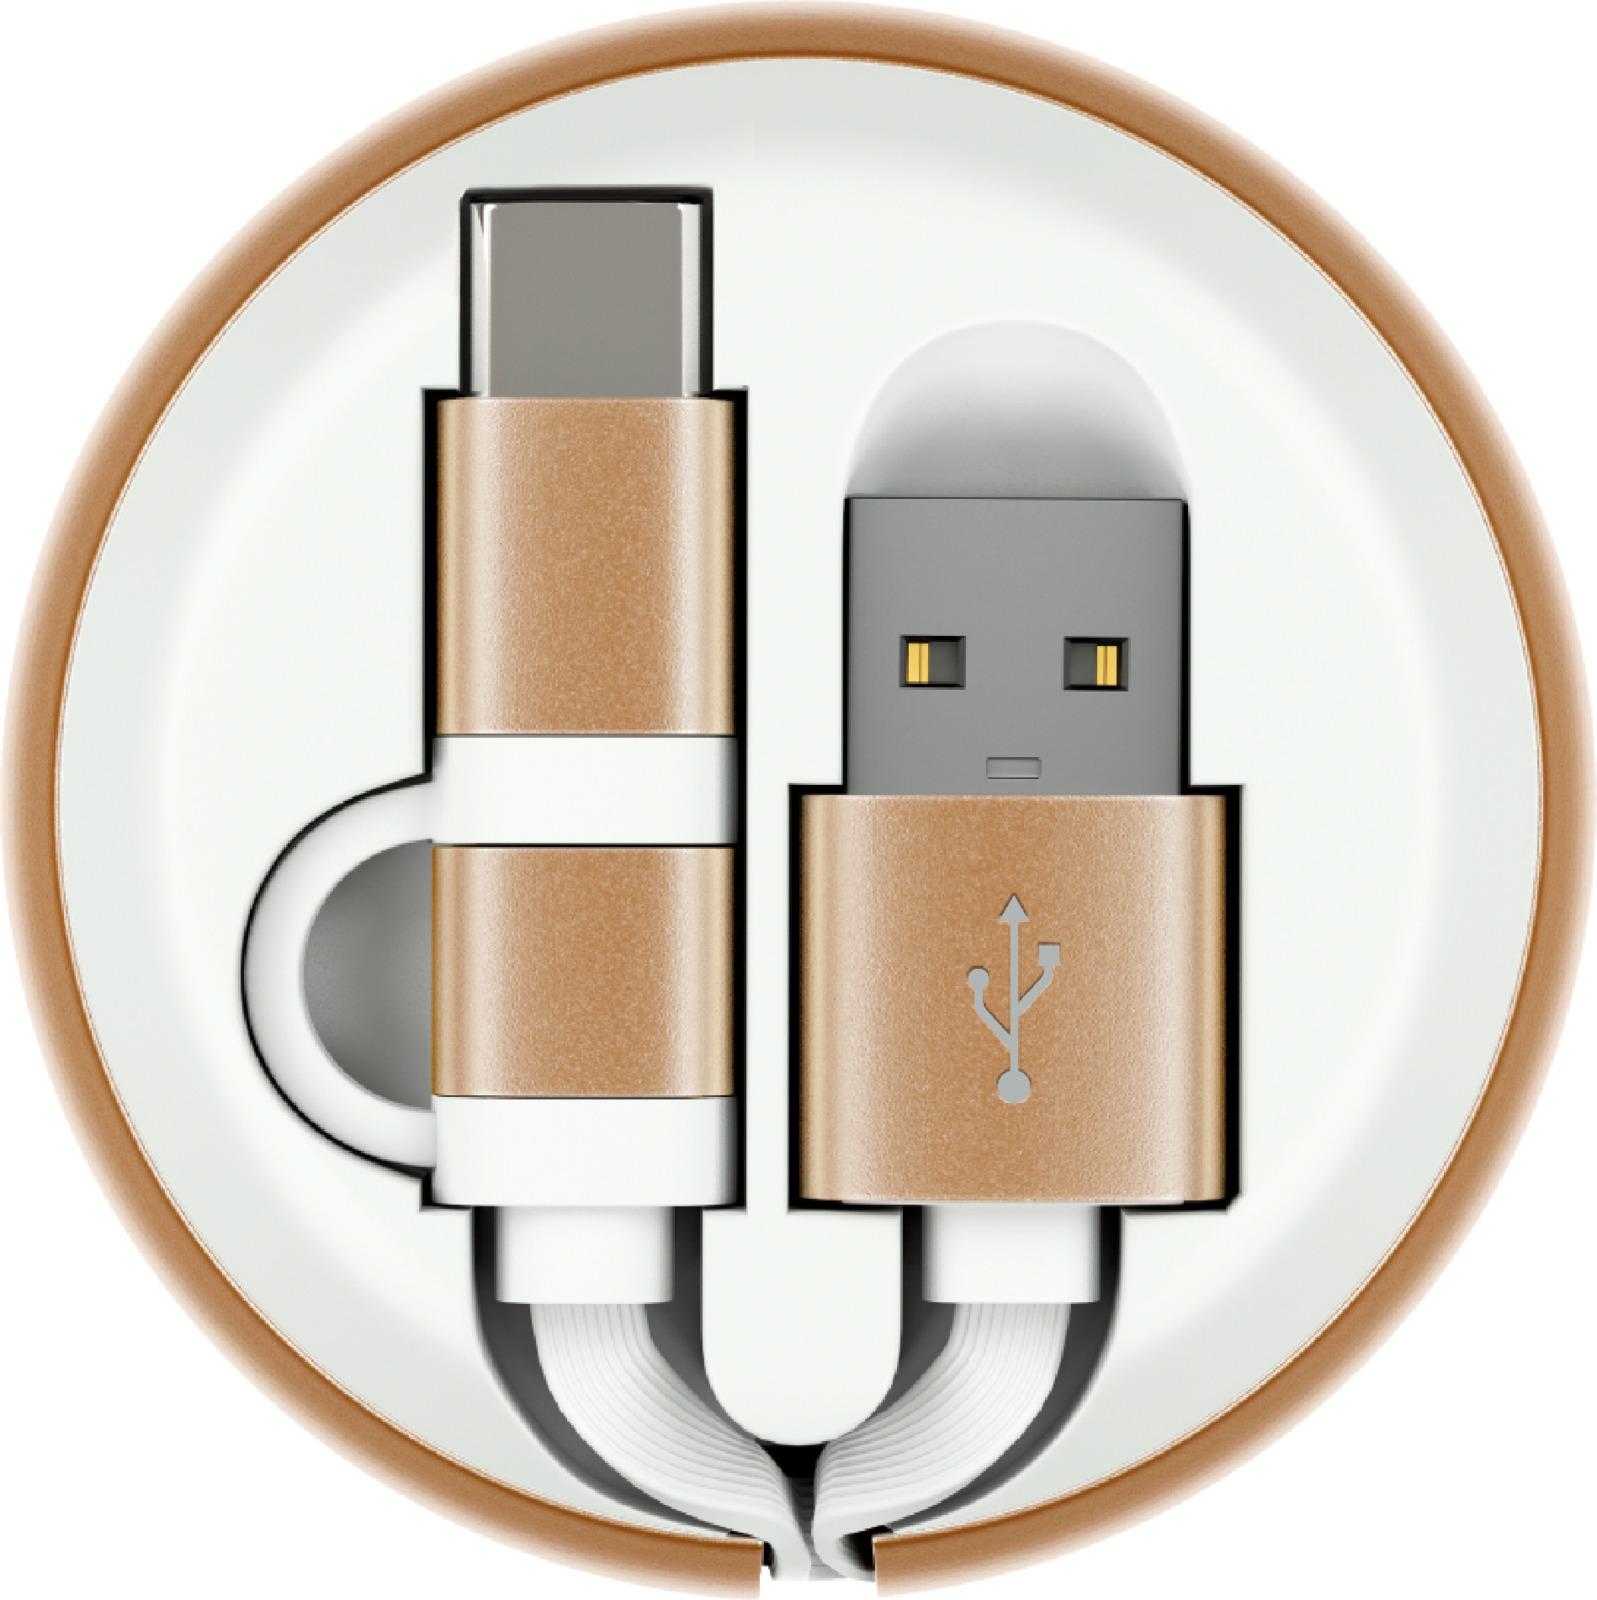 Кабель-рулетка Interstep MicroUSB + TypeC USB 2.0, 65581, белый, золотой, 1 м кабель partner usb 2 0 microusb apple 8pin 2 в 1 2 1 a 1 м